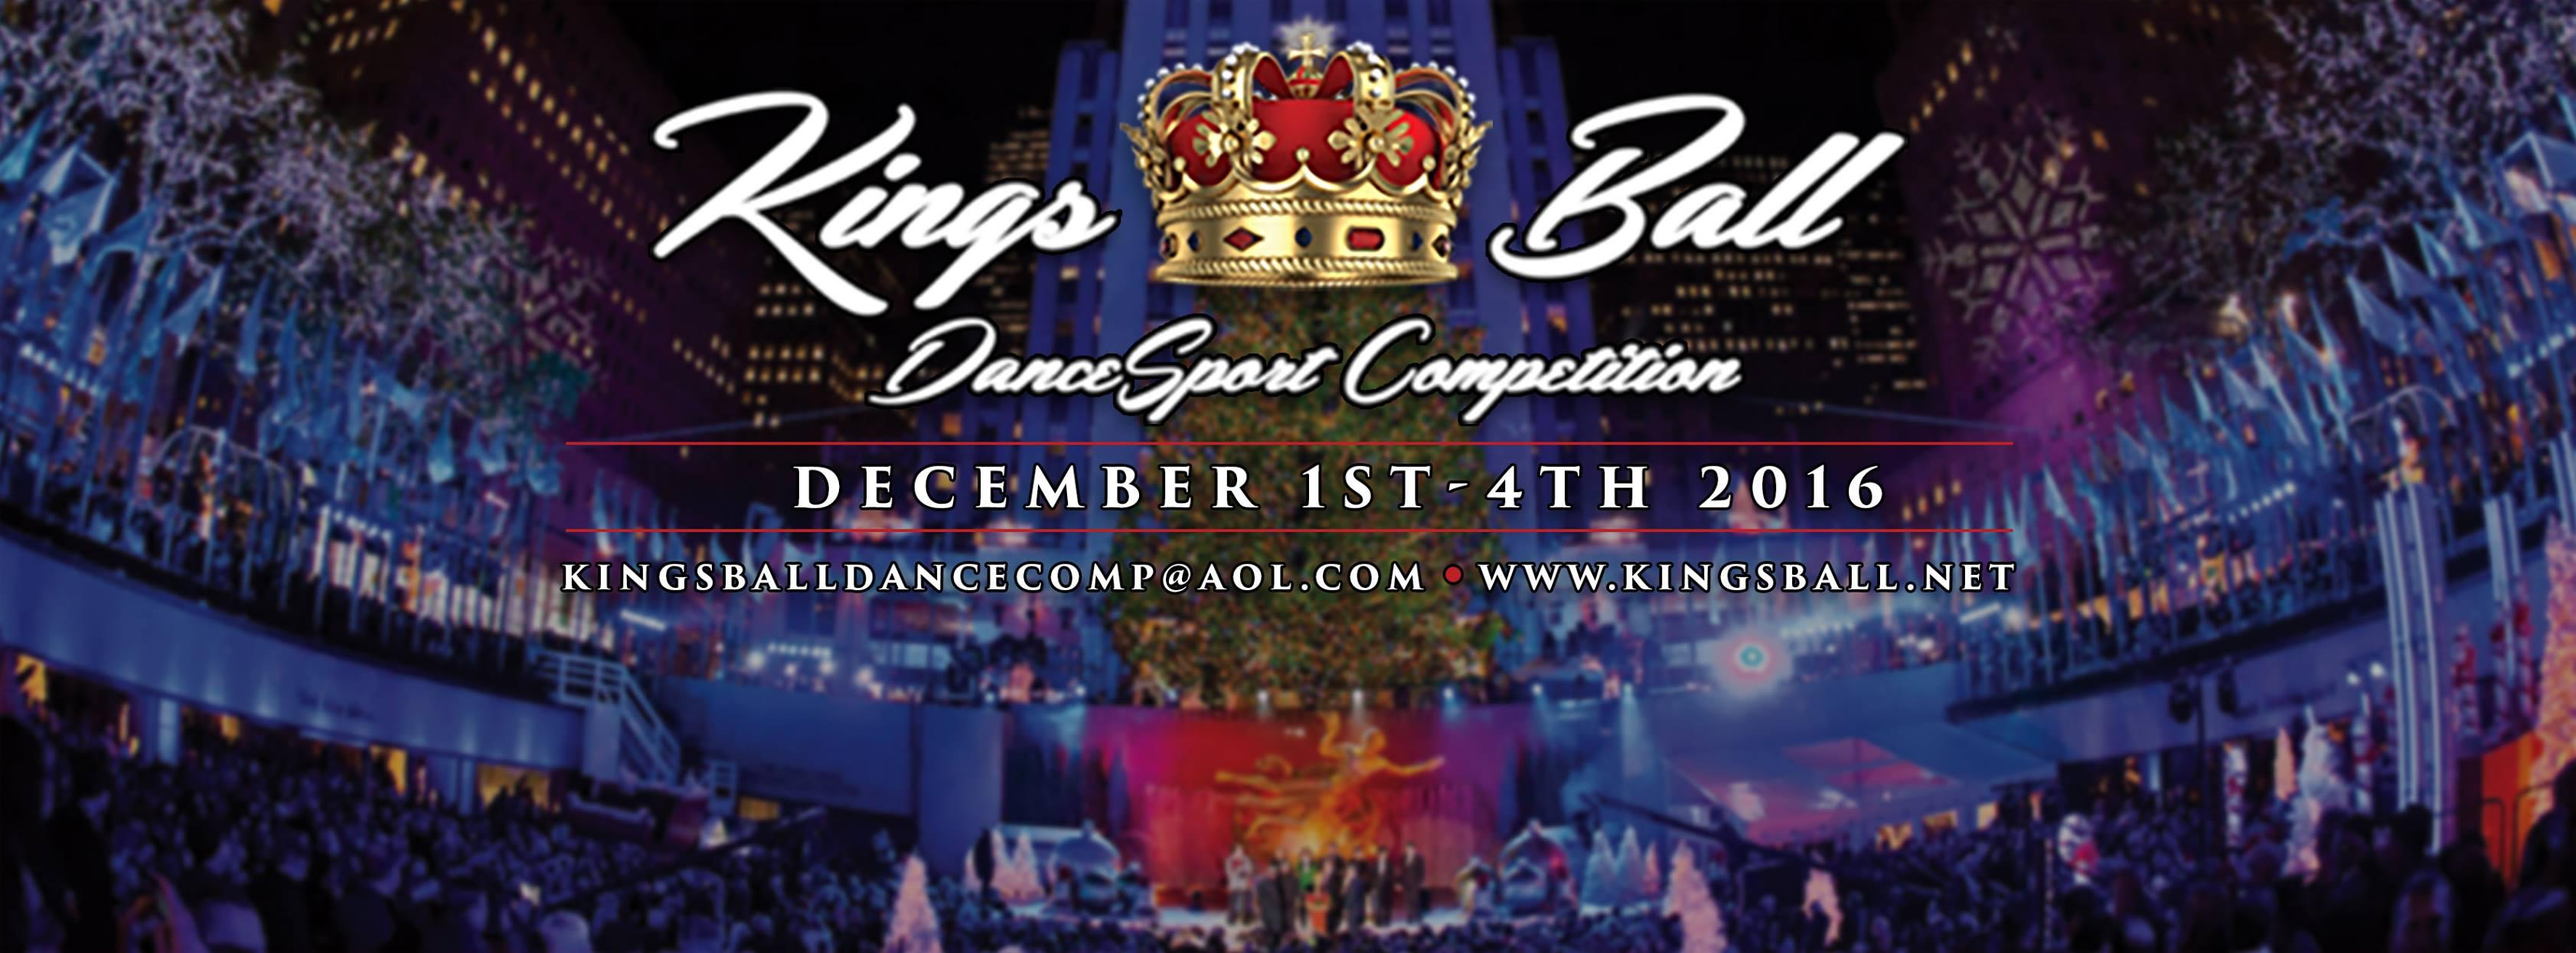 kings-ball